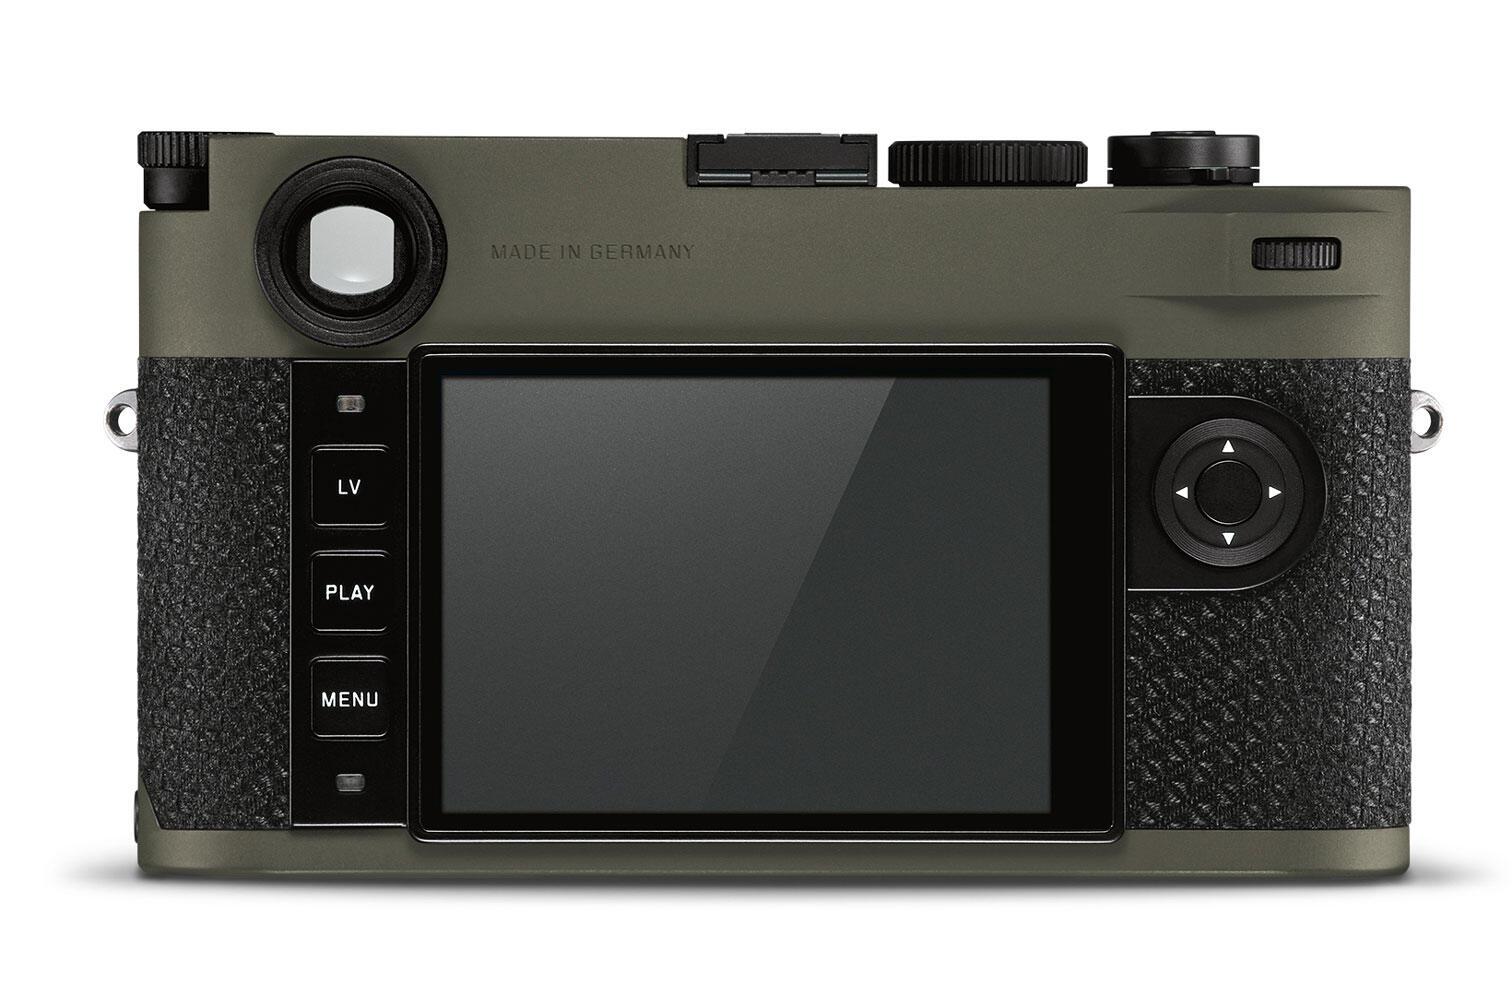 """Leica M10-P """"Reporter"""" è la nuova variante del modello M10 che il brand propone in occasione del 40° anniversario Leica Oscar Barnack Award."""